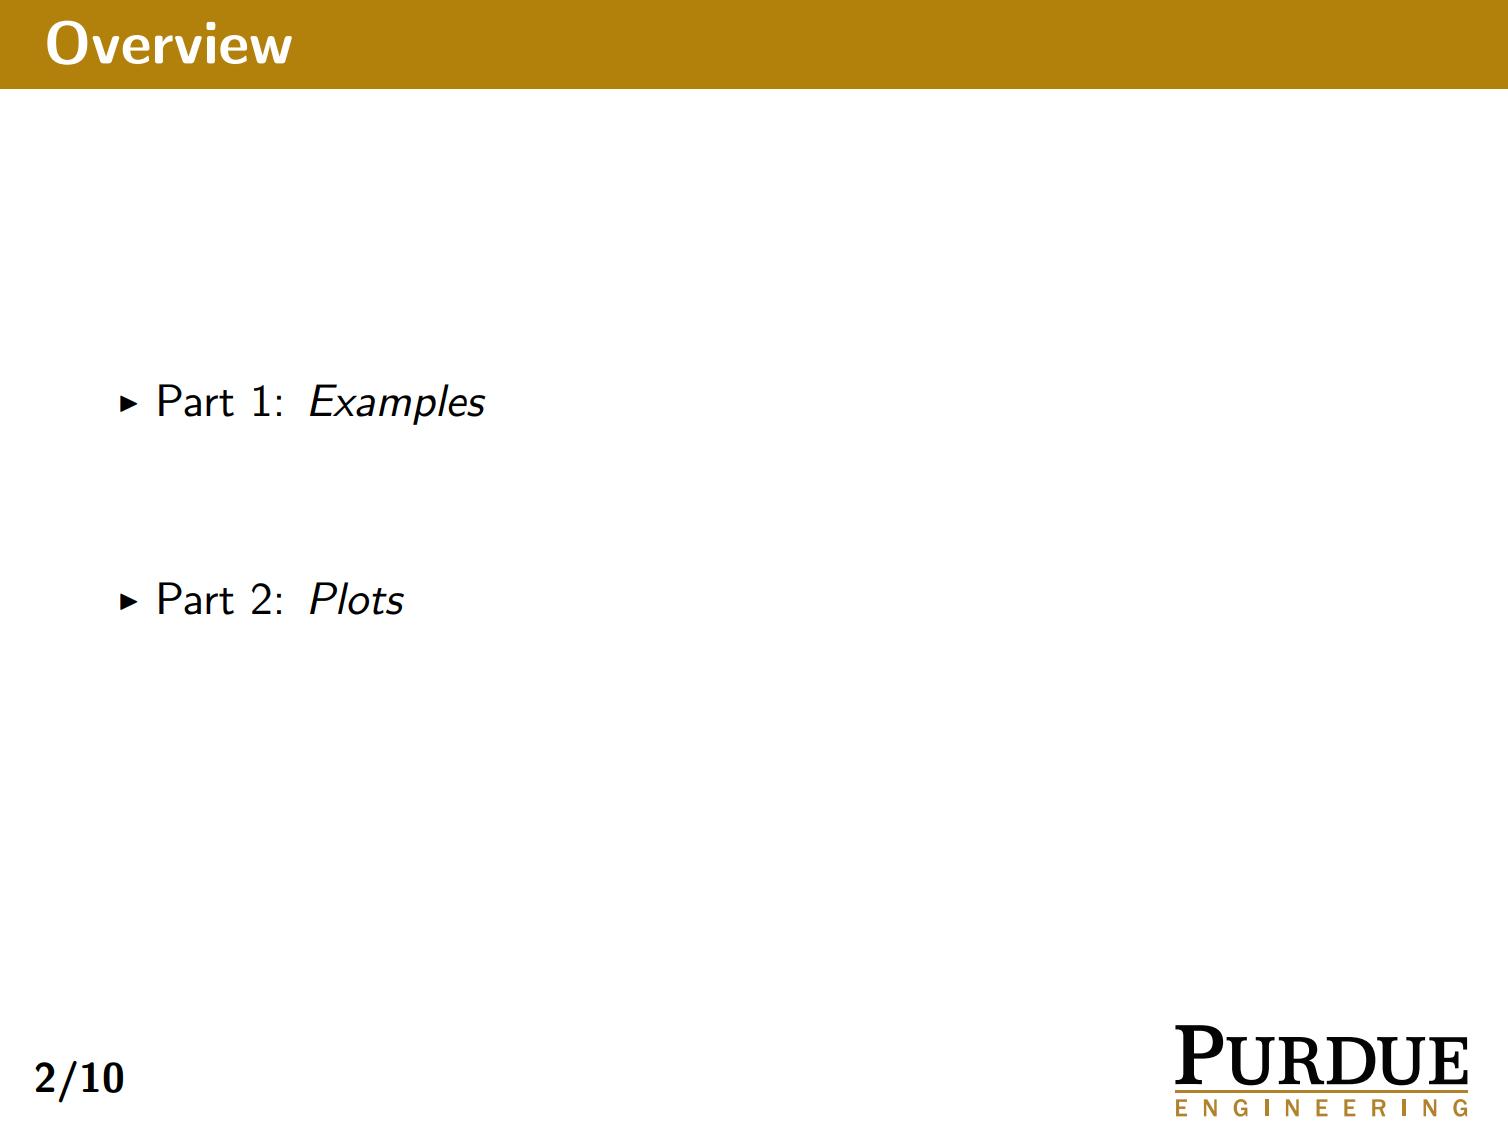 普渡大学的金黄色 beamer 主题样式